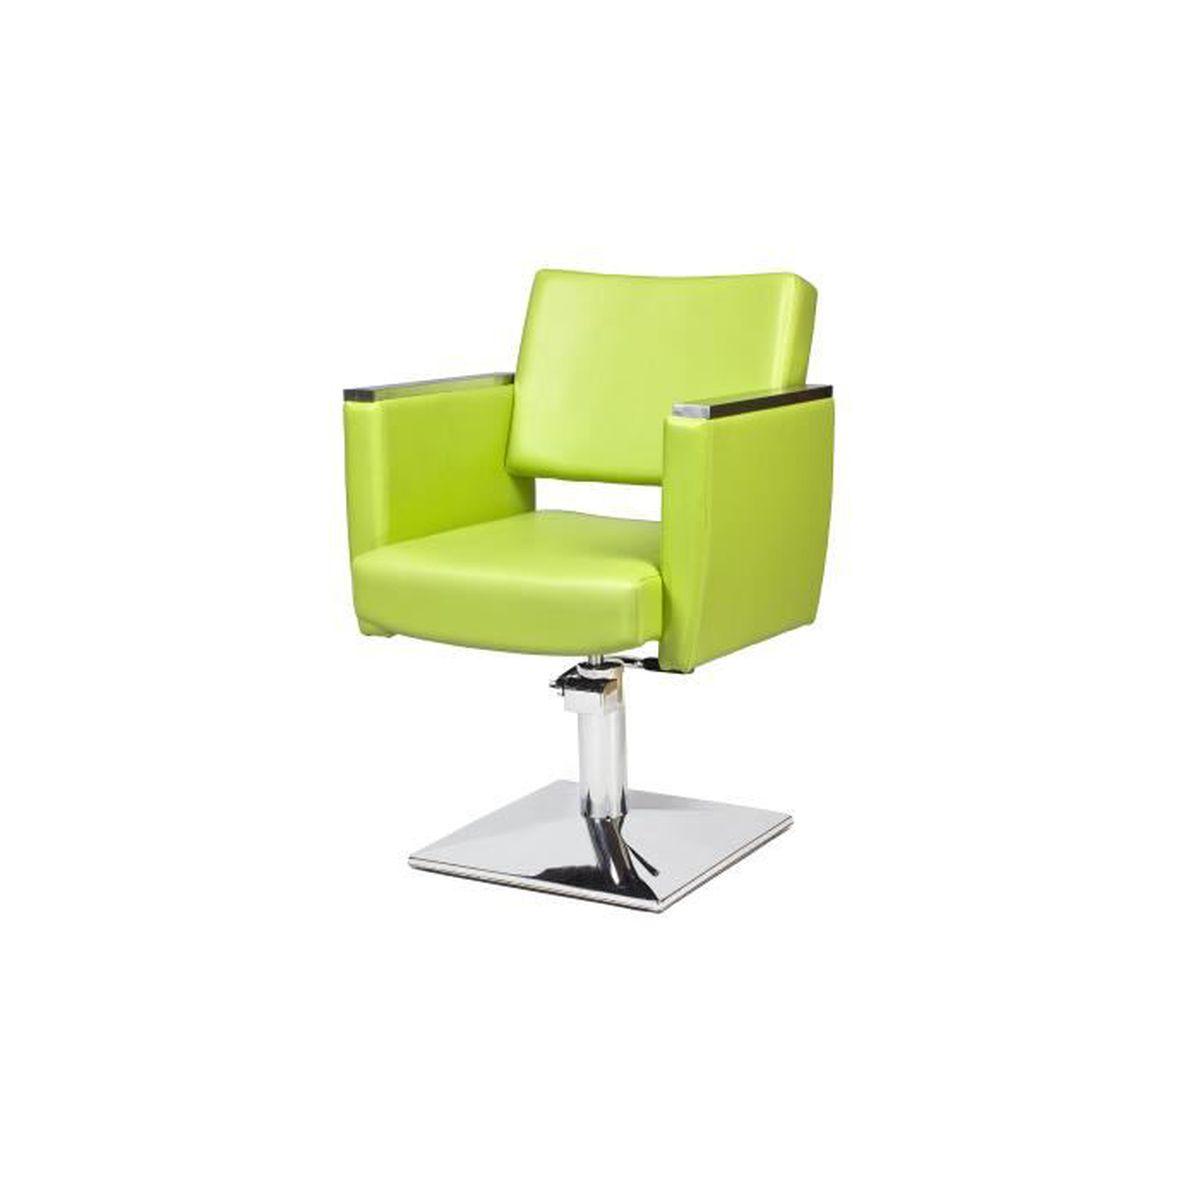 castanto chaise coiffure salon de coiffure fauteuil. Black Bedroom Furniture Sets. Home Design Ideas